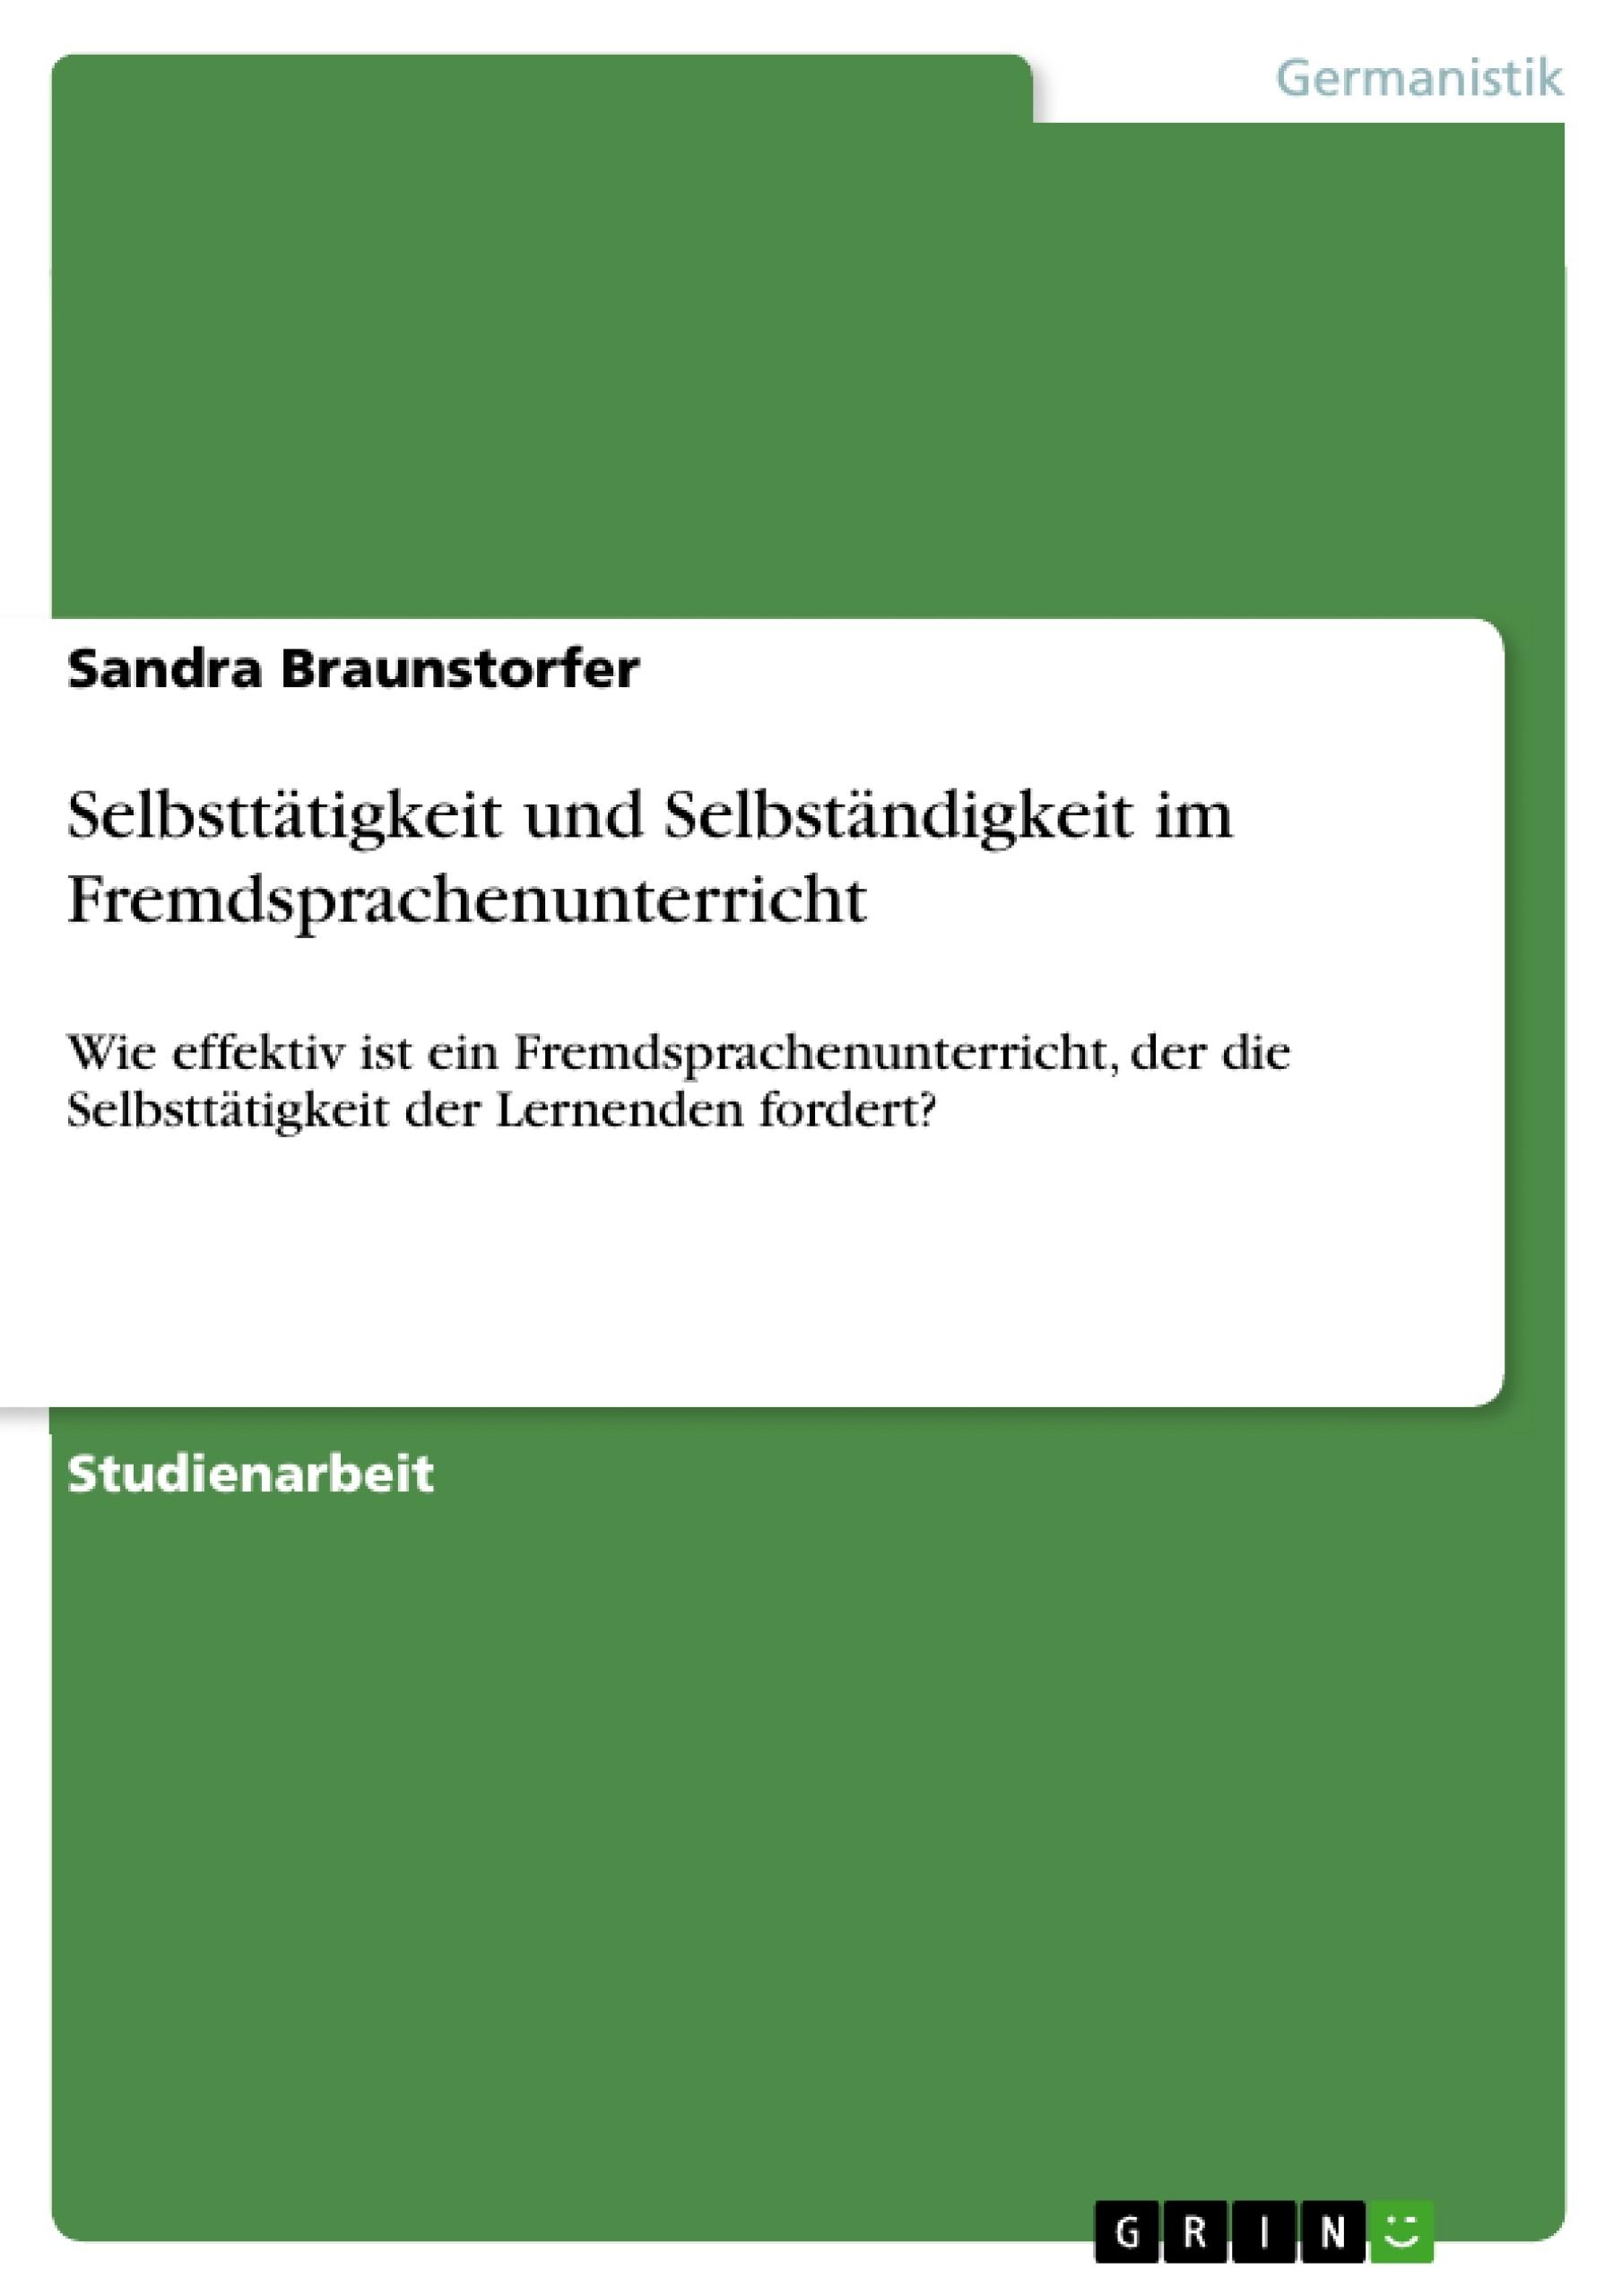 Titel: Selbsttätigkeit und Selbständigkeit im Fremdsprachenunterricht